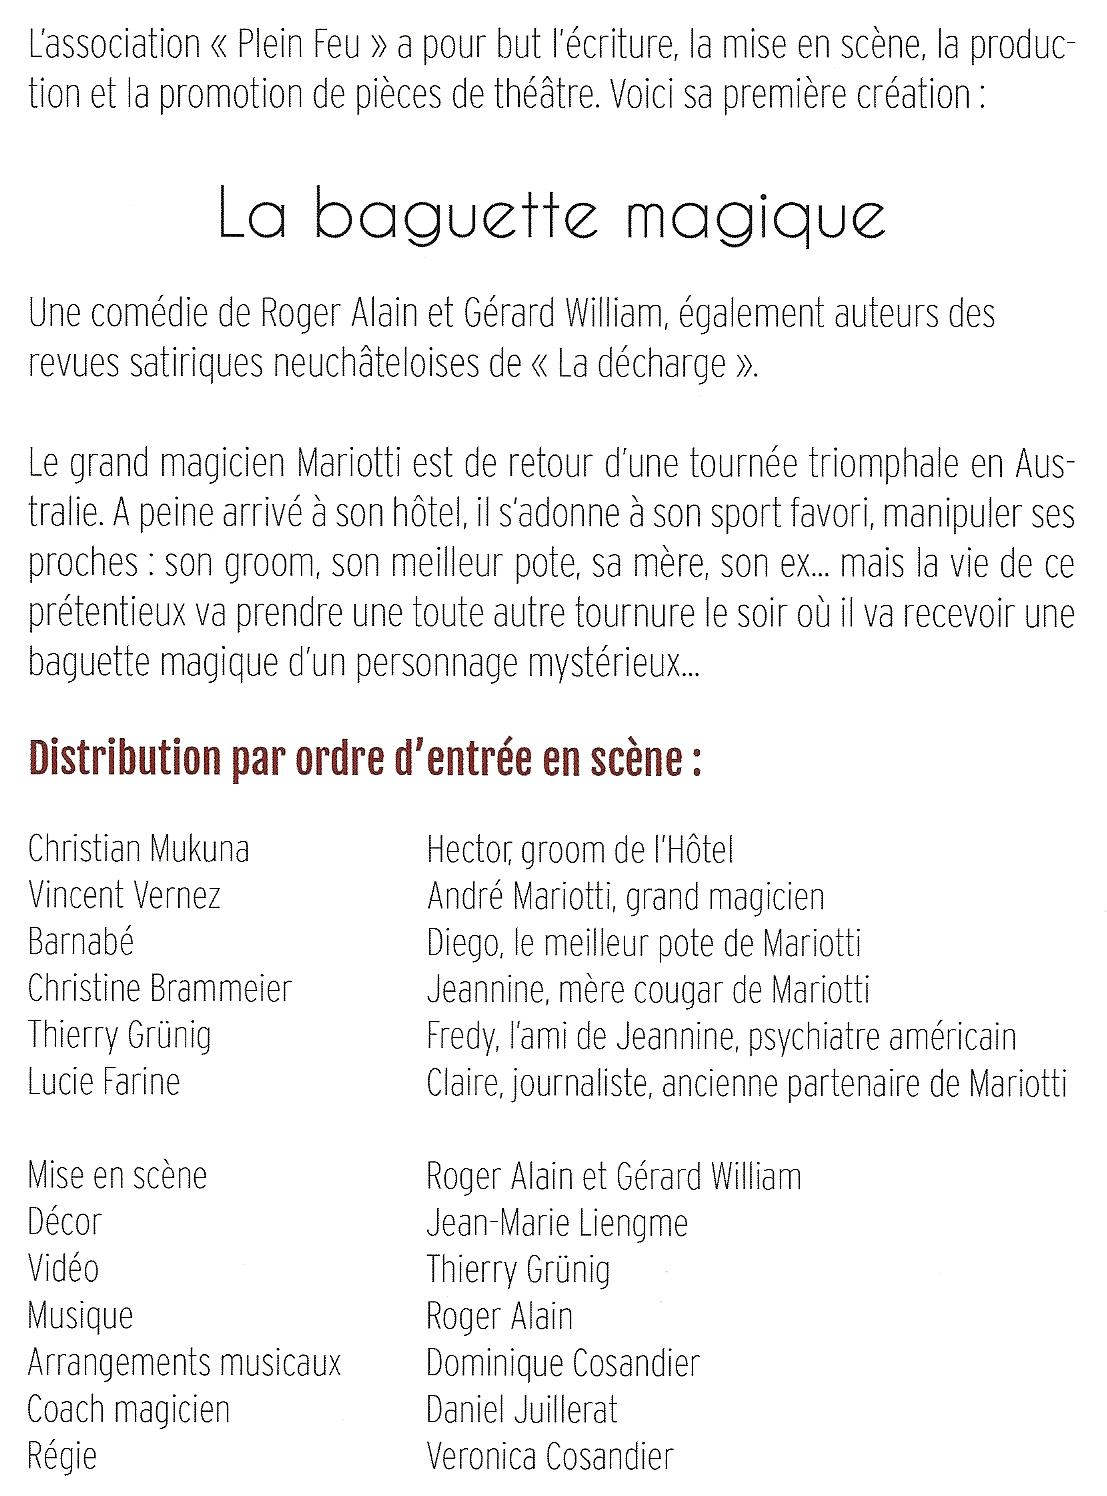 baguette_magique_texte